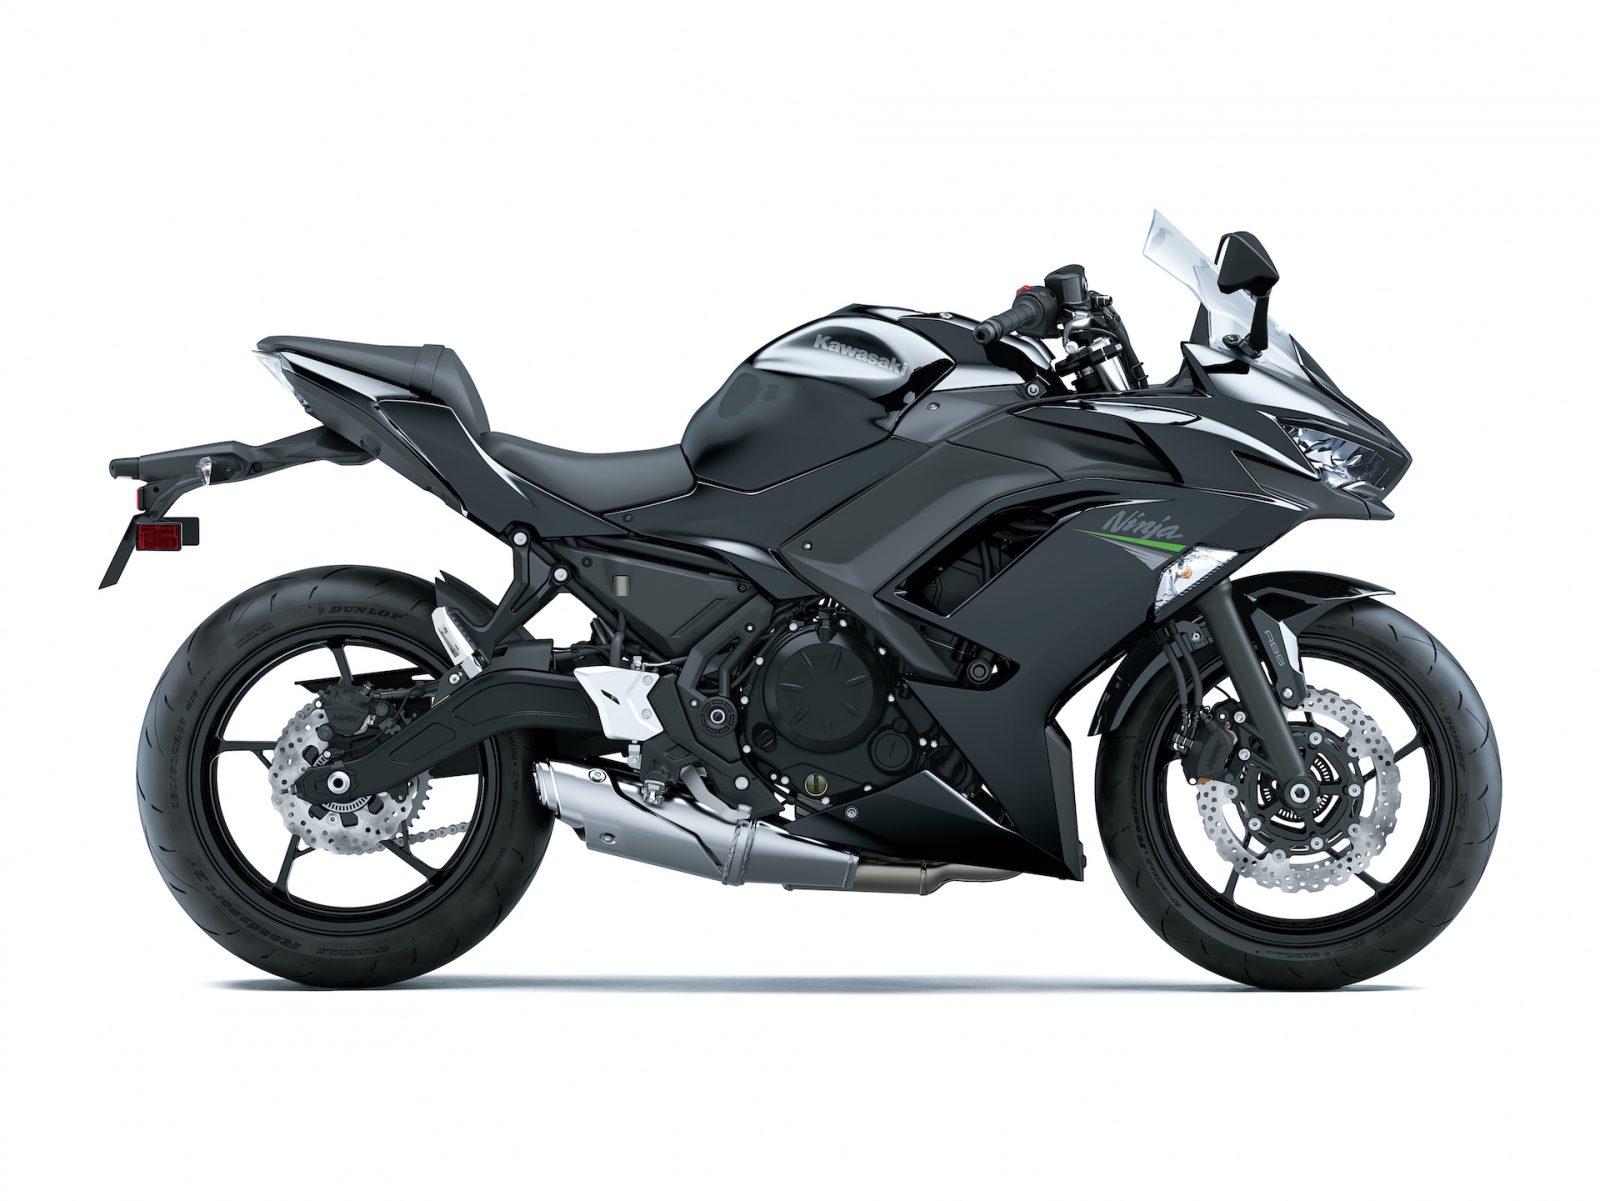 2021 Kawasaki Z900RS komt ook in zwart